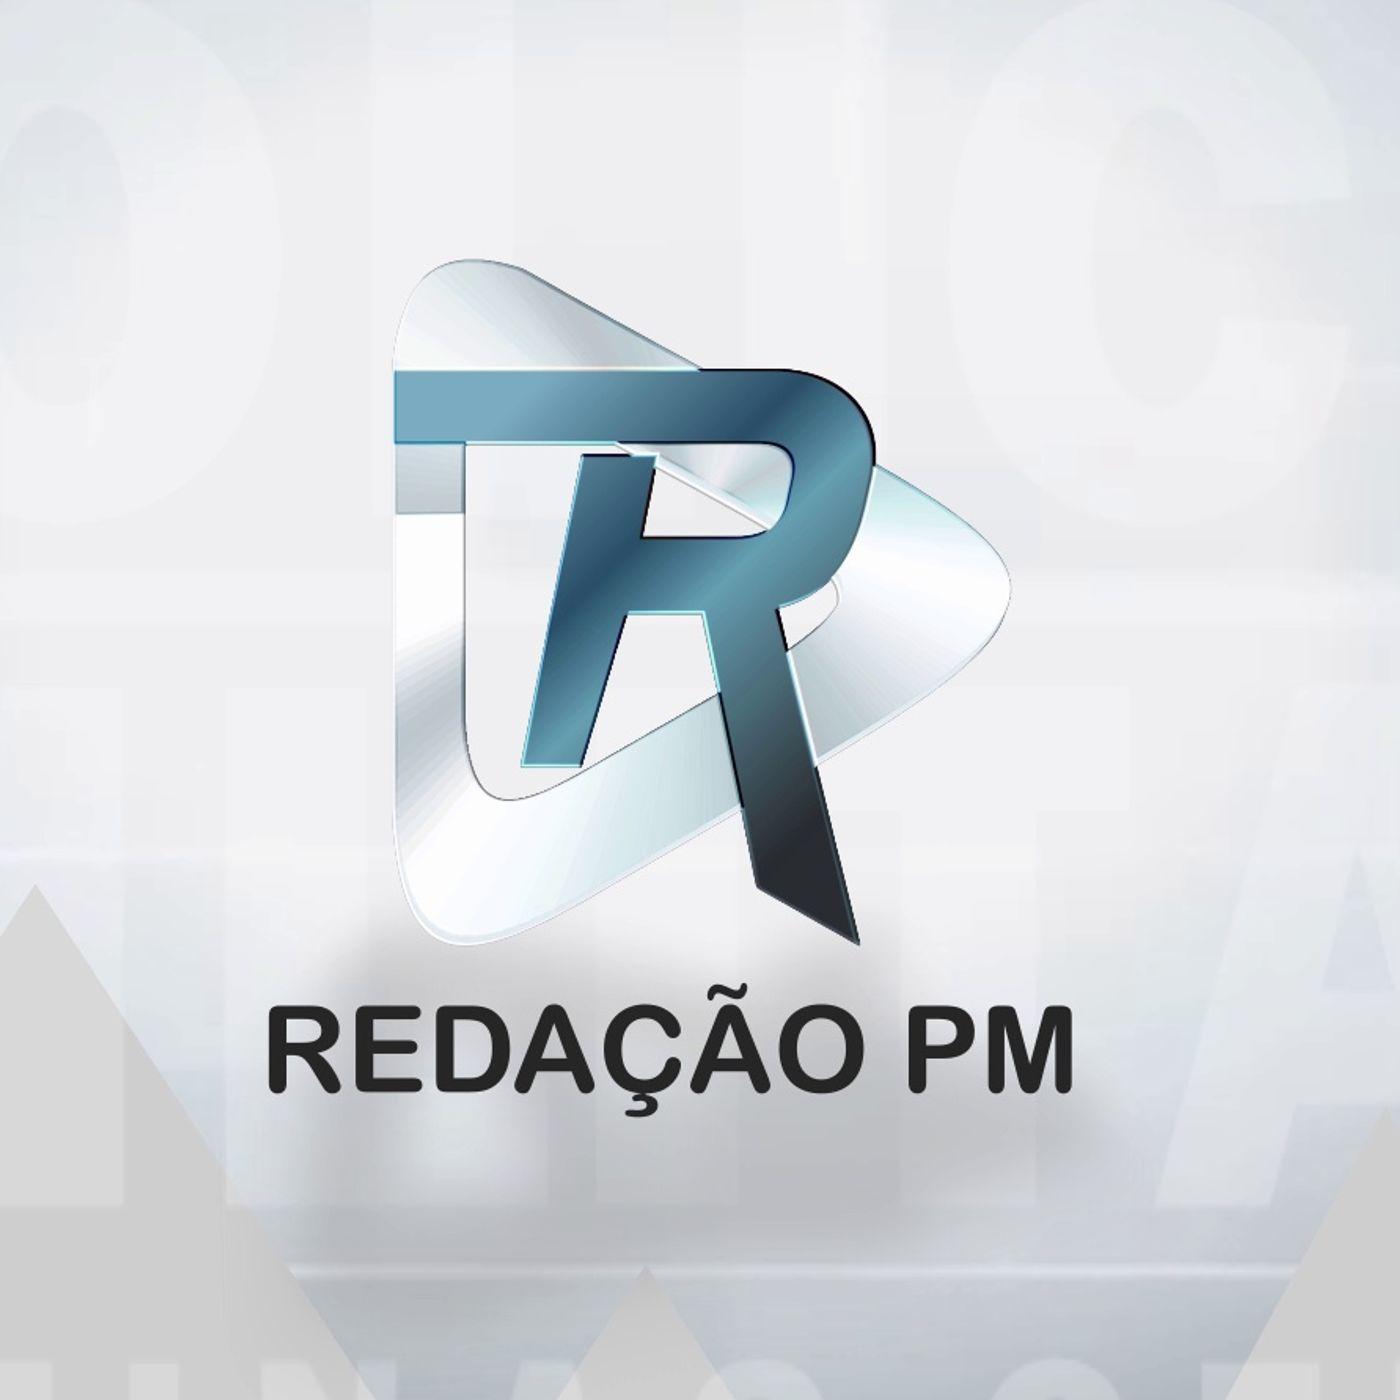 REDAÇÃO PM